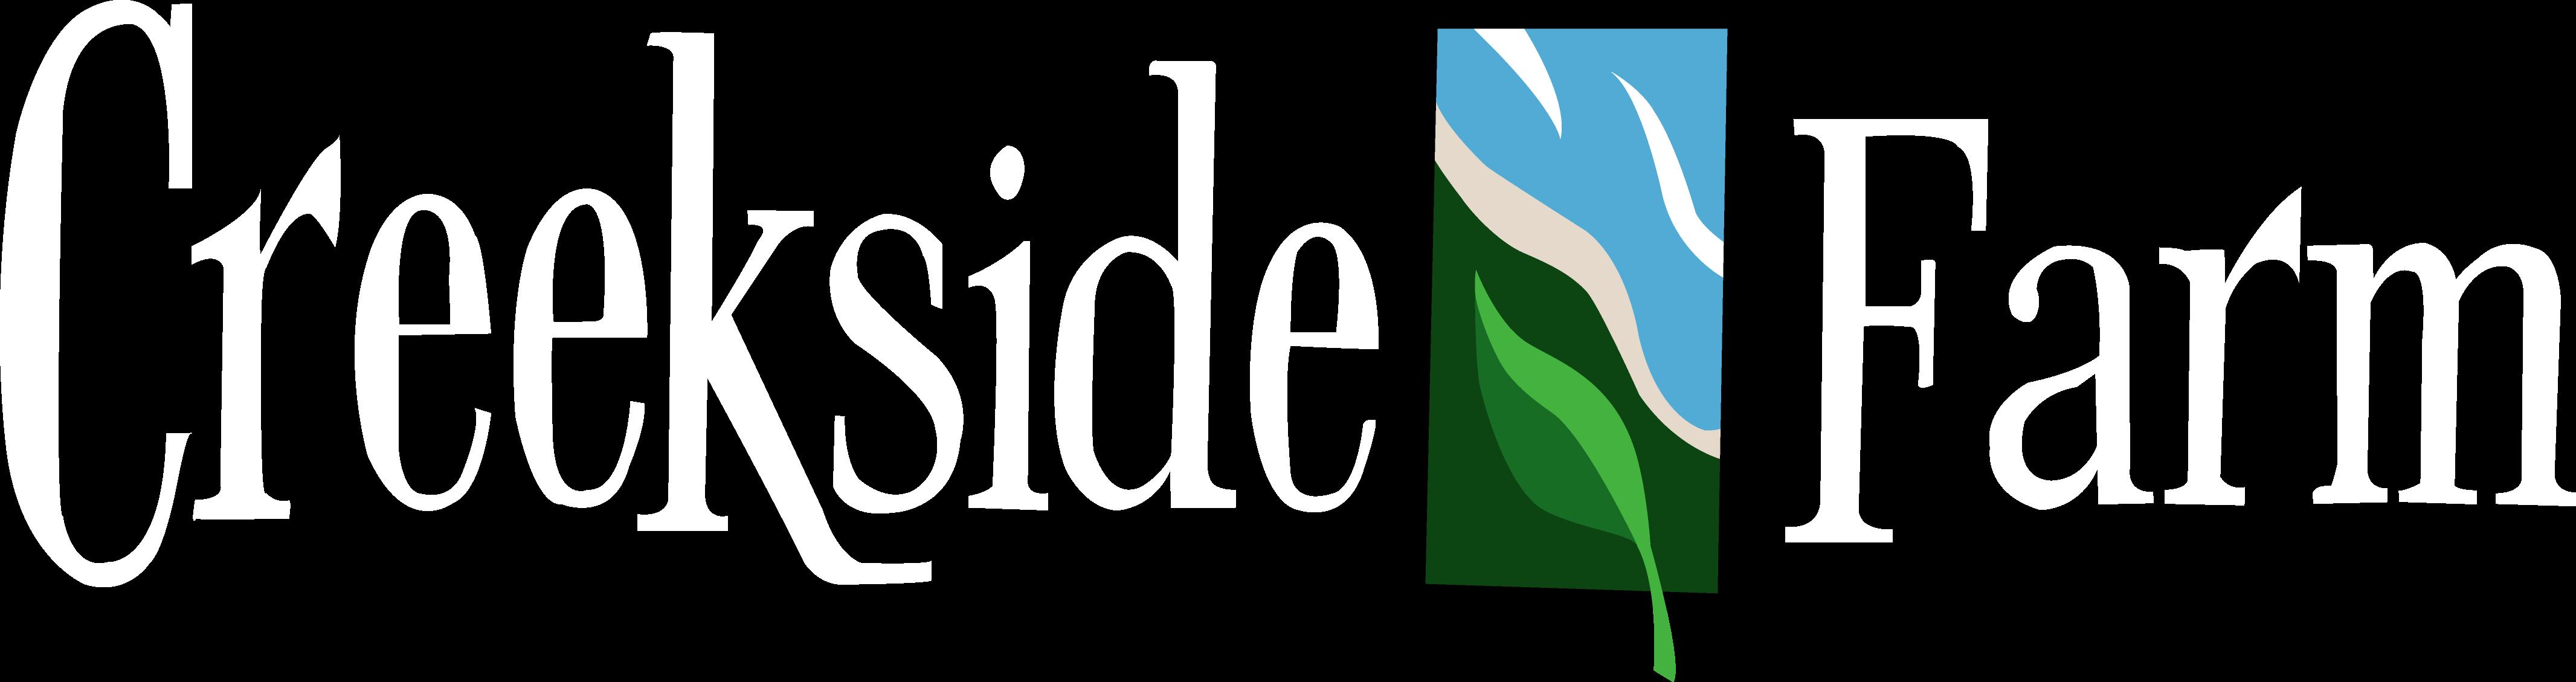 Creekside Farm logo